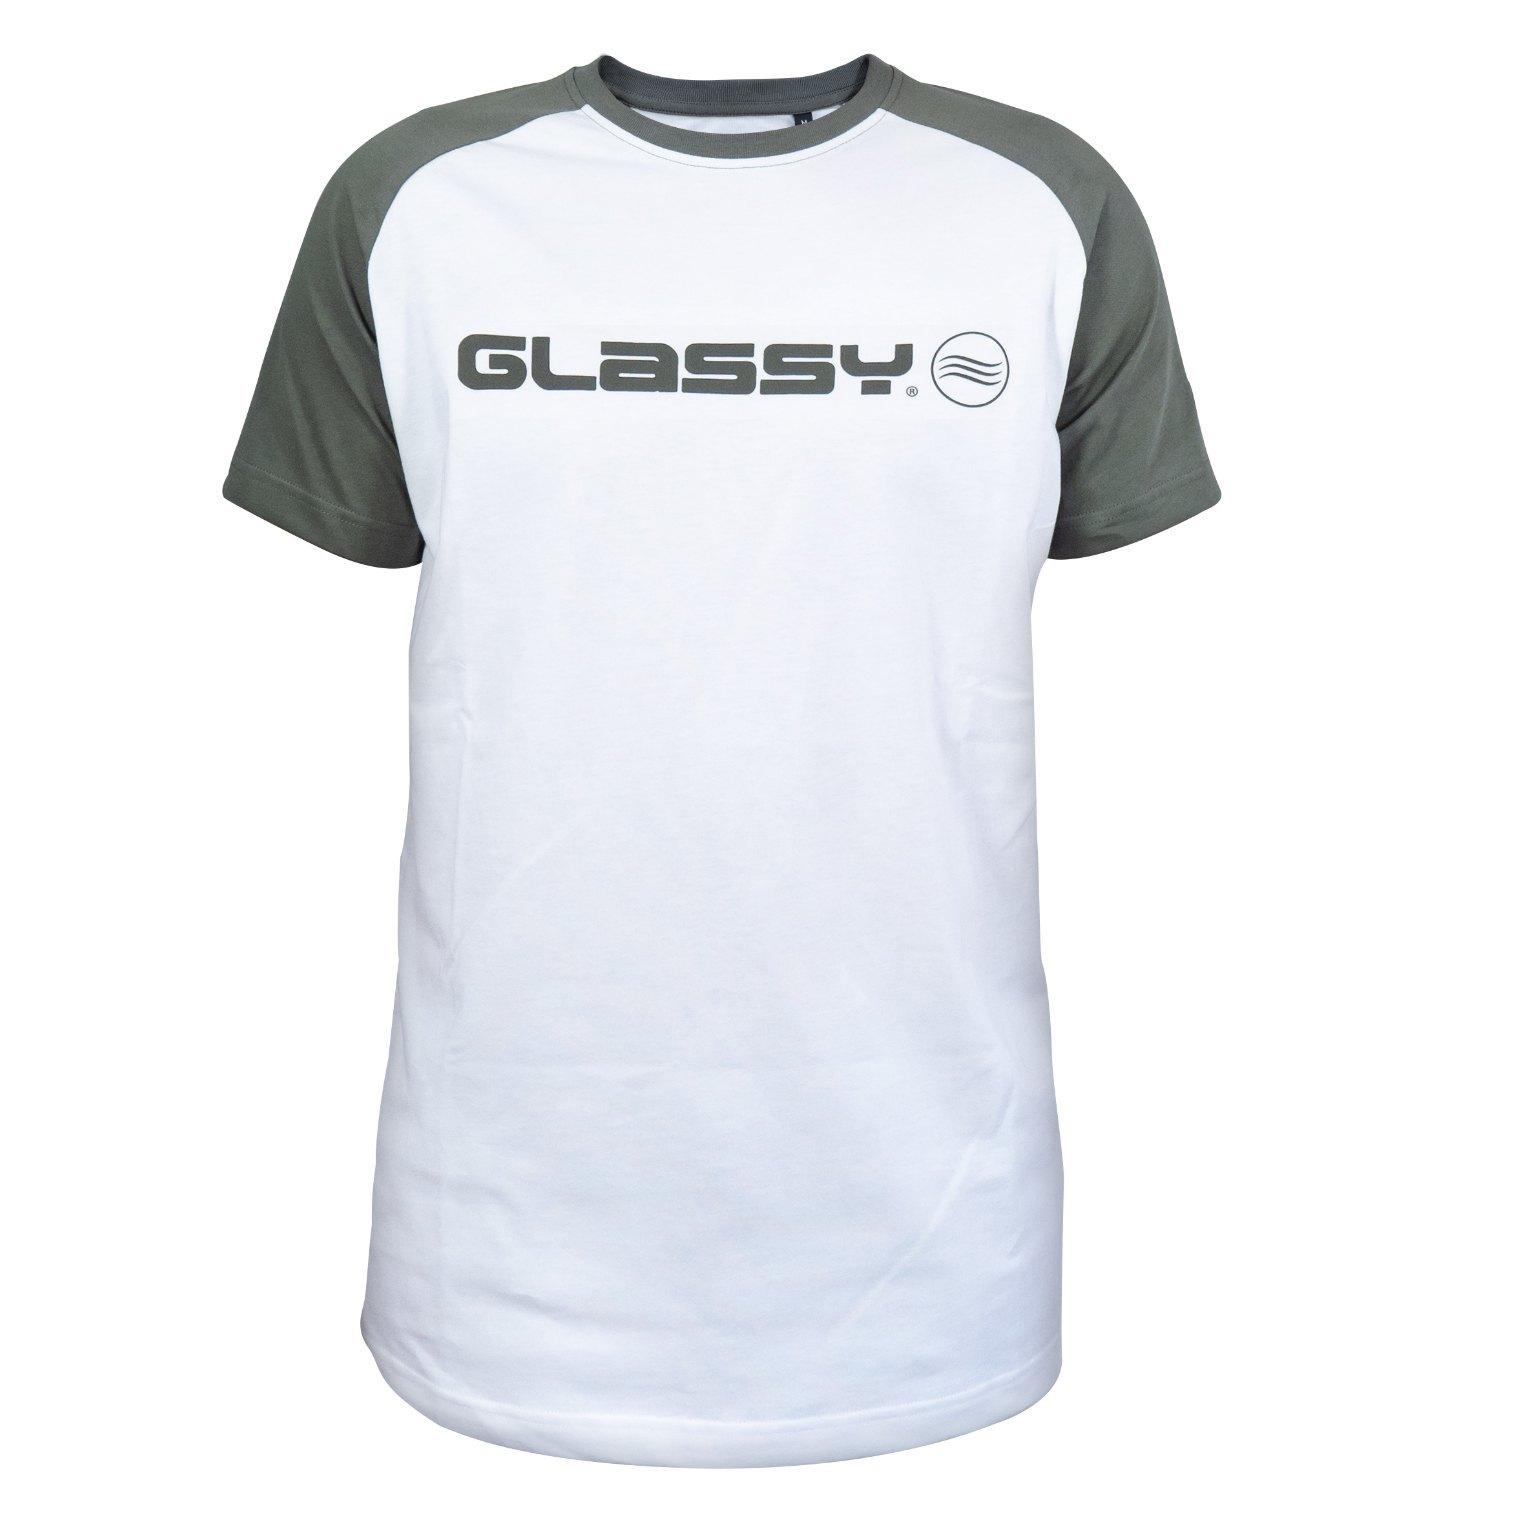 Camiseta Glassy Army